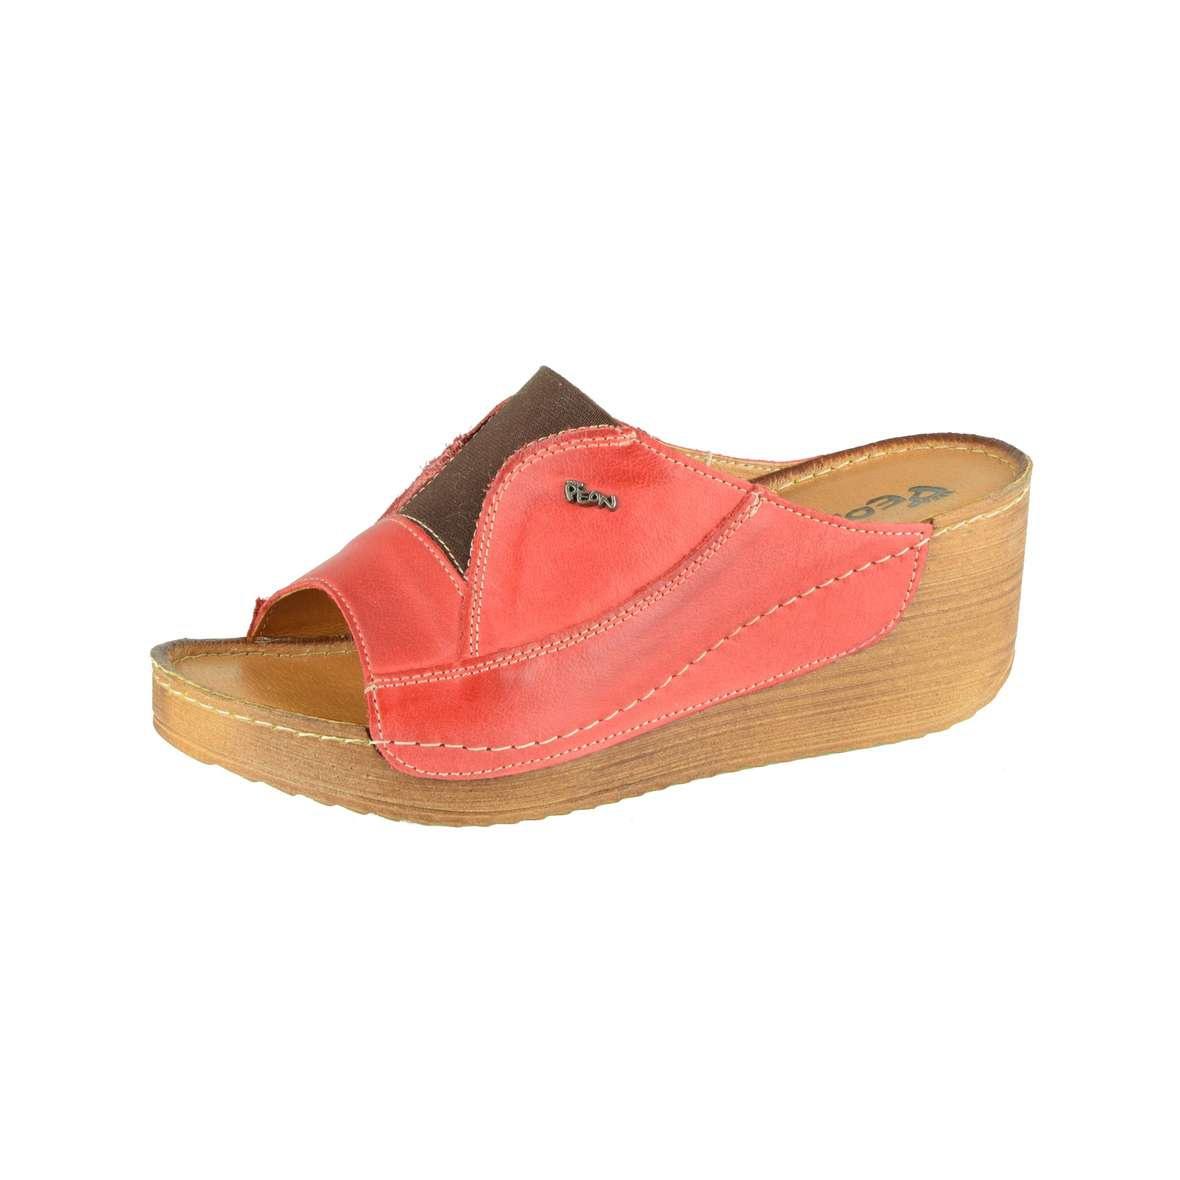 Dámská vycházková pantofel AM 545-4 - PEON c1a44e799c